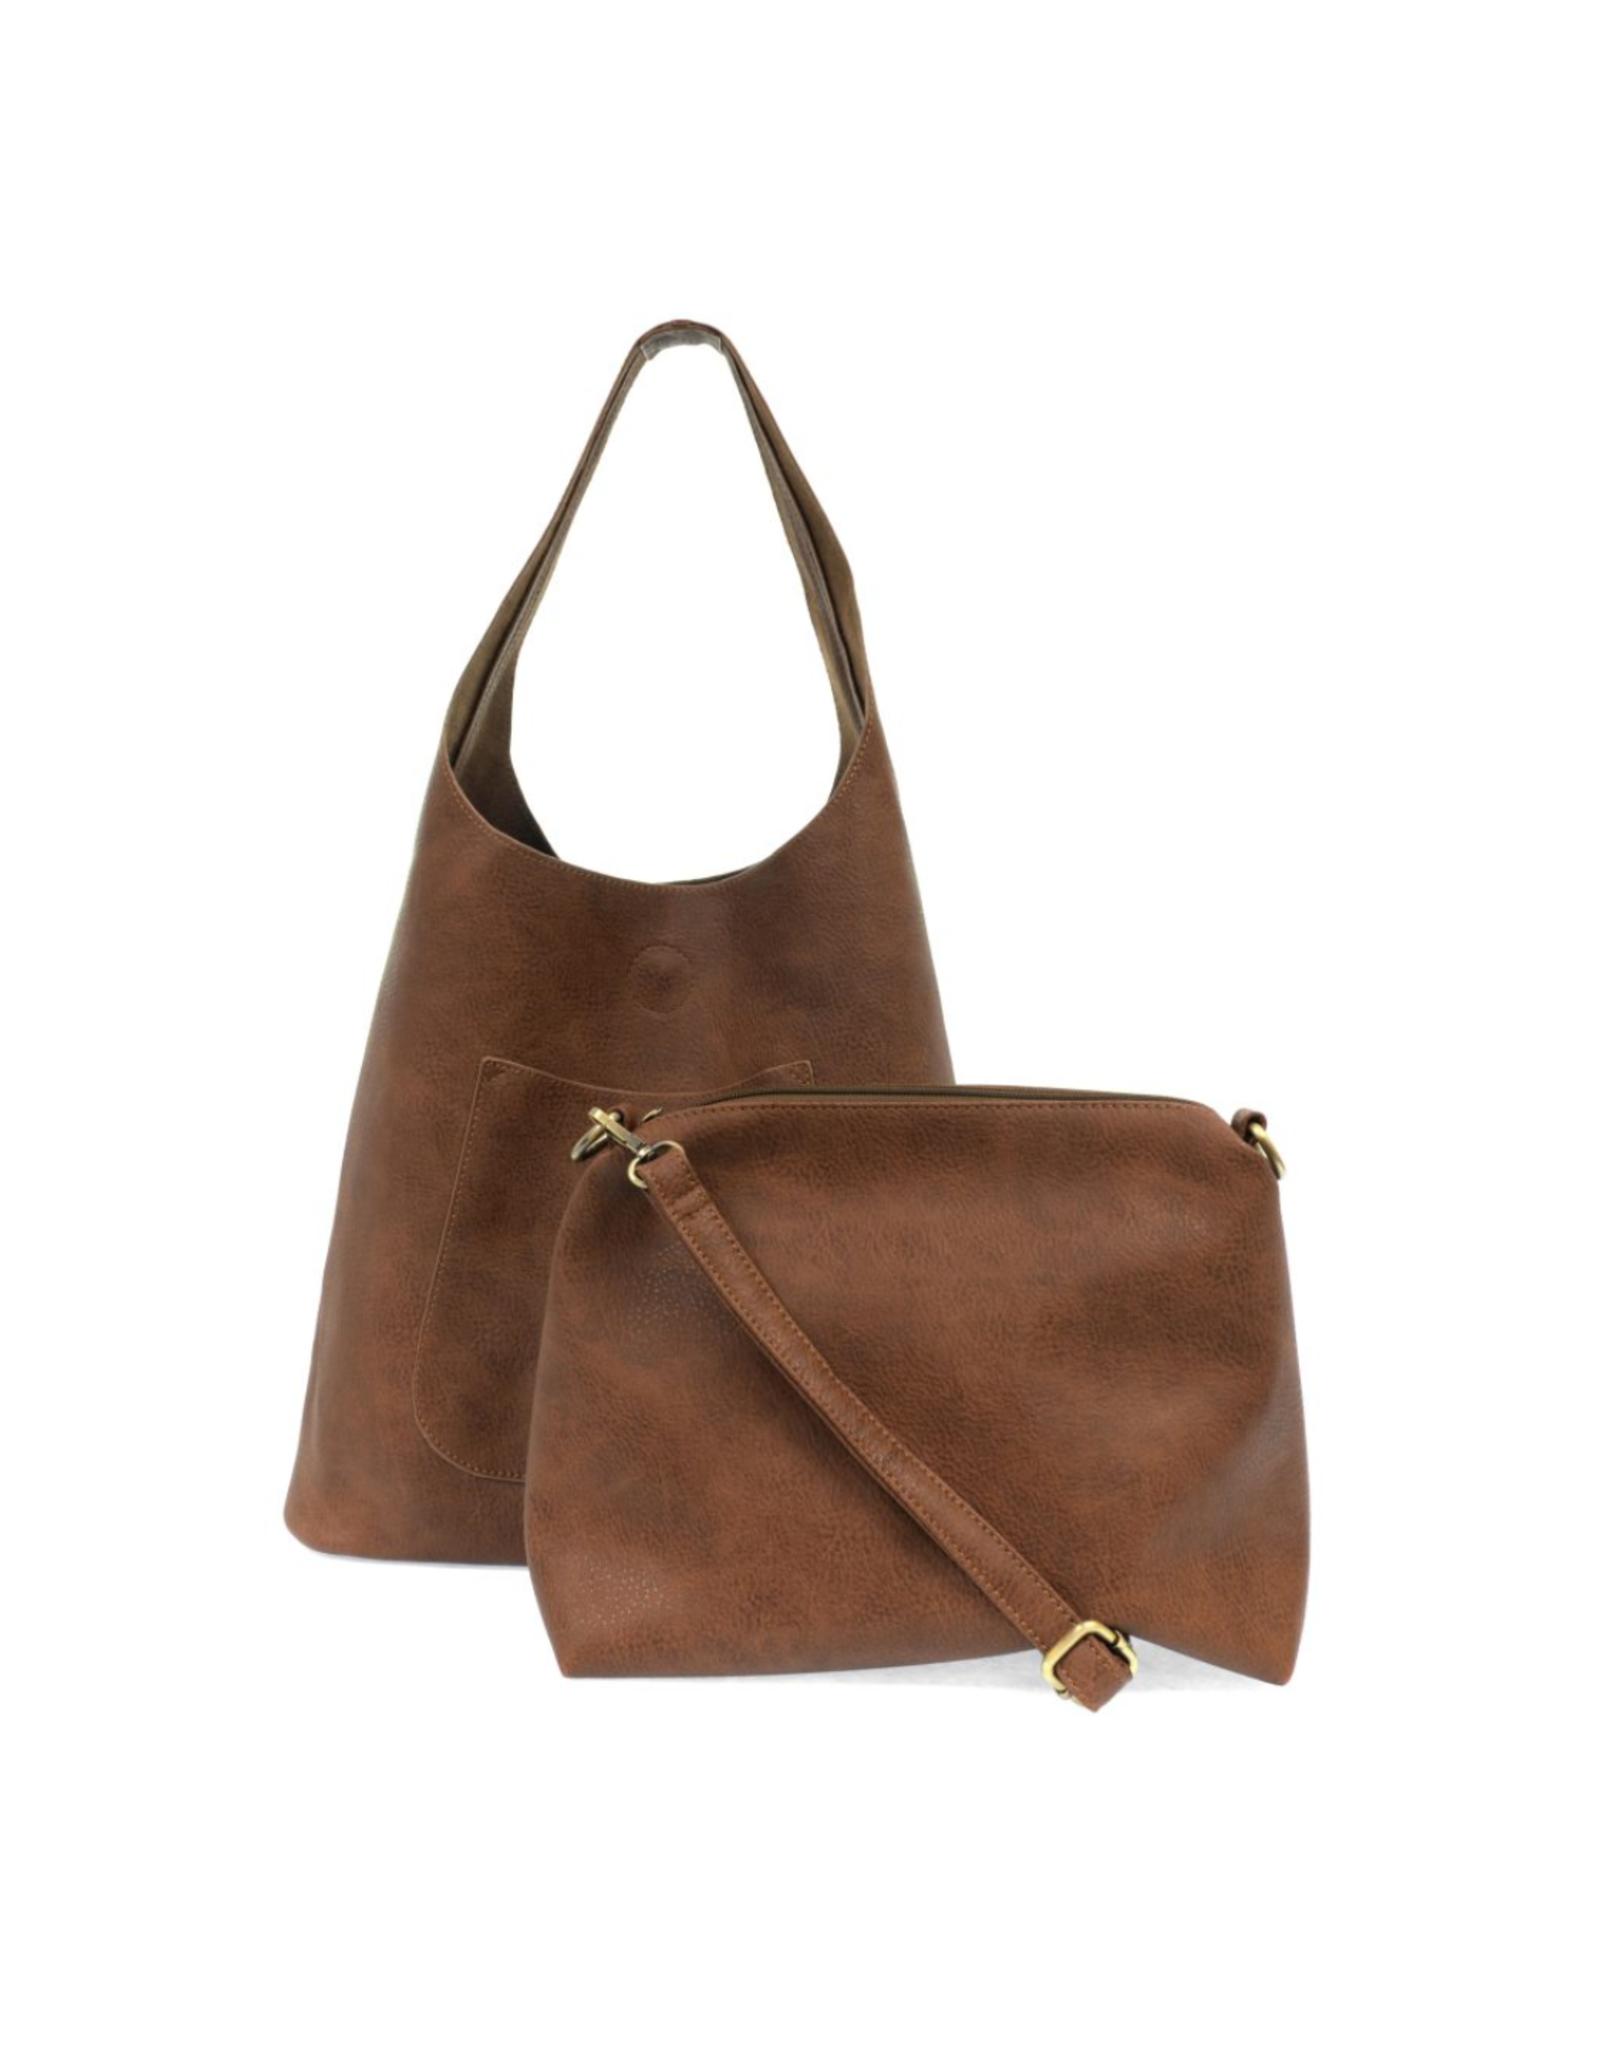 Molly Slouchy Hobo Handbag : Hickory